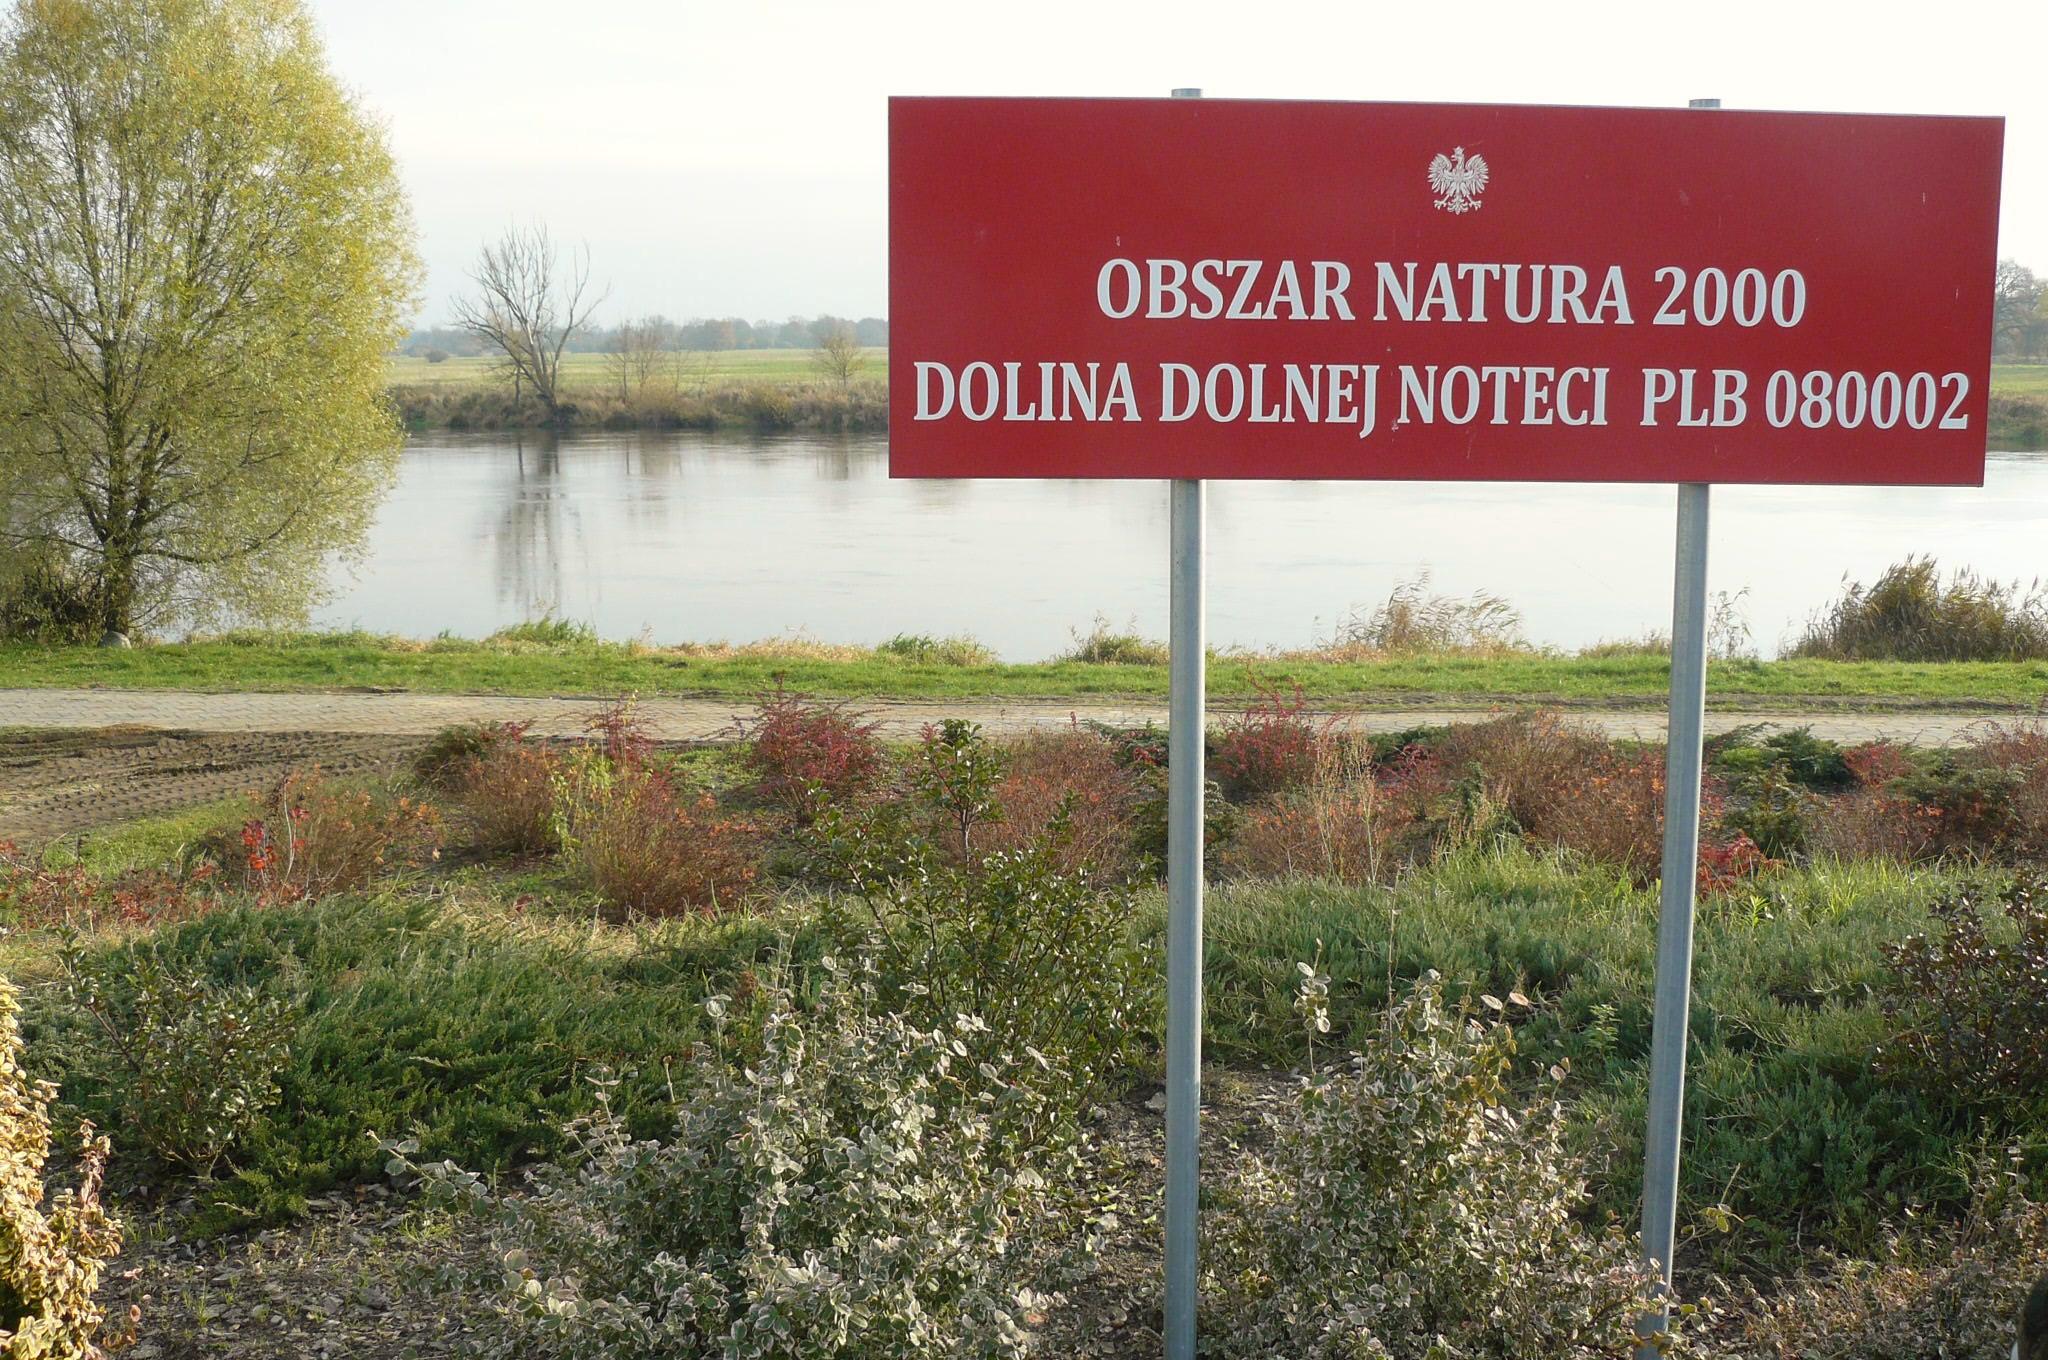 Obszary Natura 2000 W Polsce Wikipedia Wolna Encyklopedia